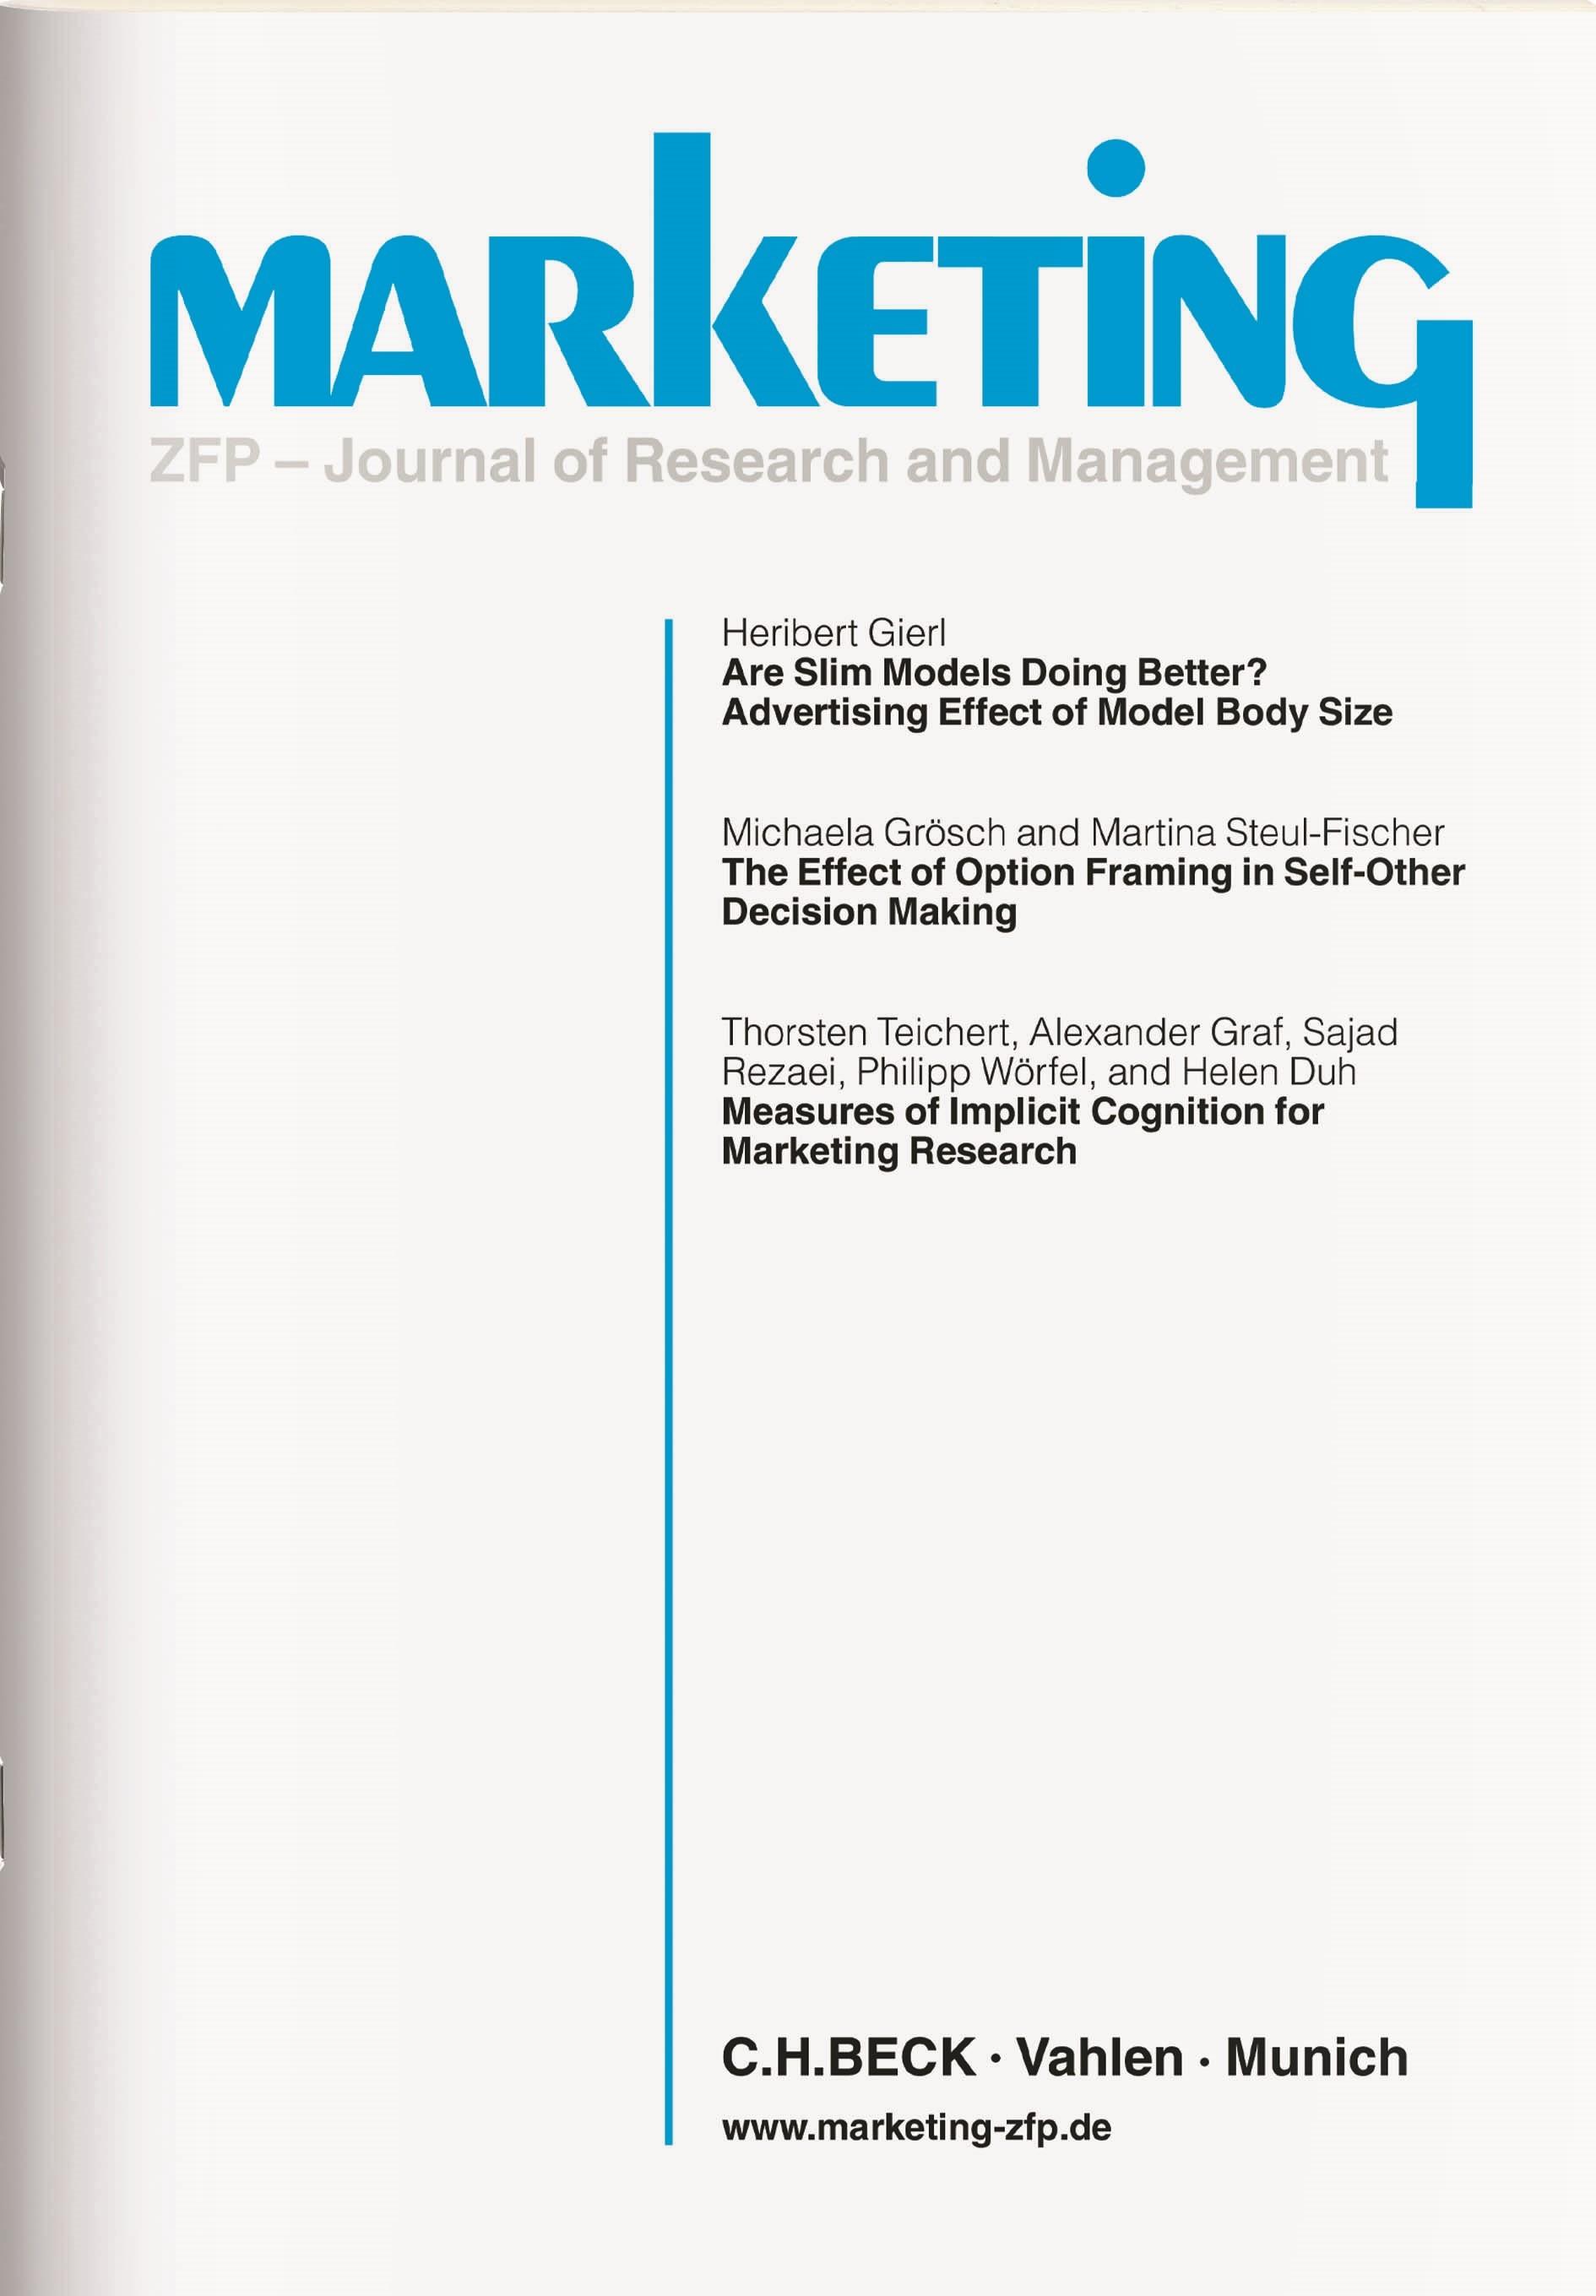 Abbildung von Marketing | 41. Jahrgang | 2019